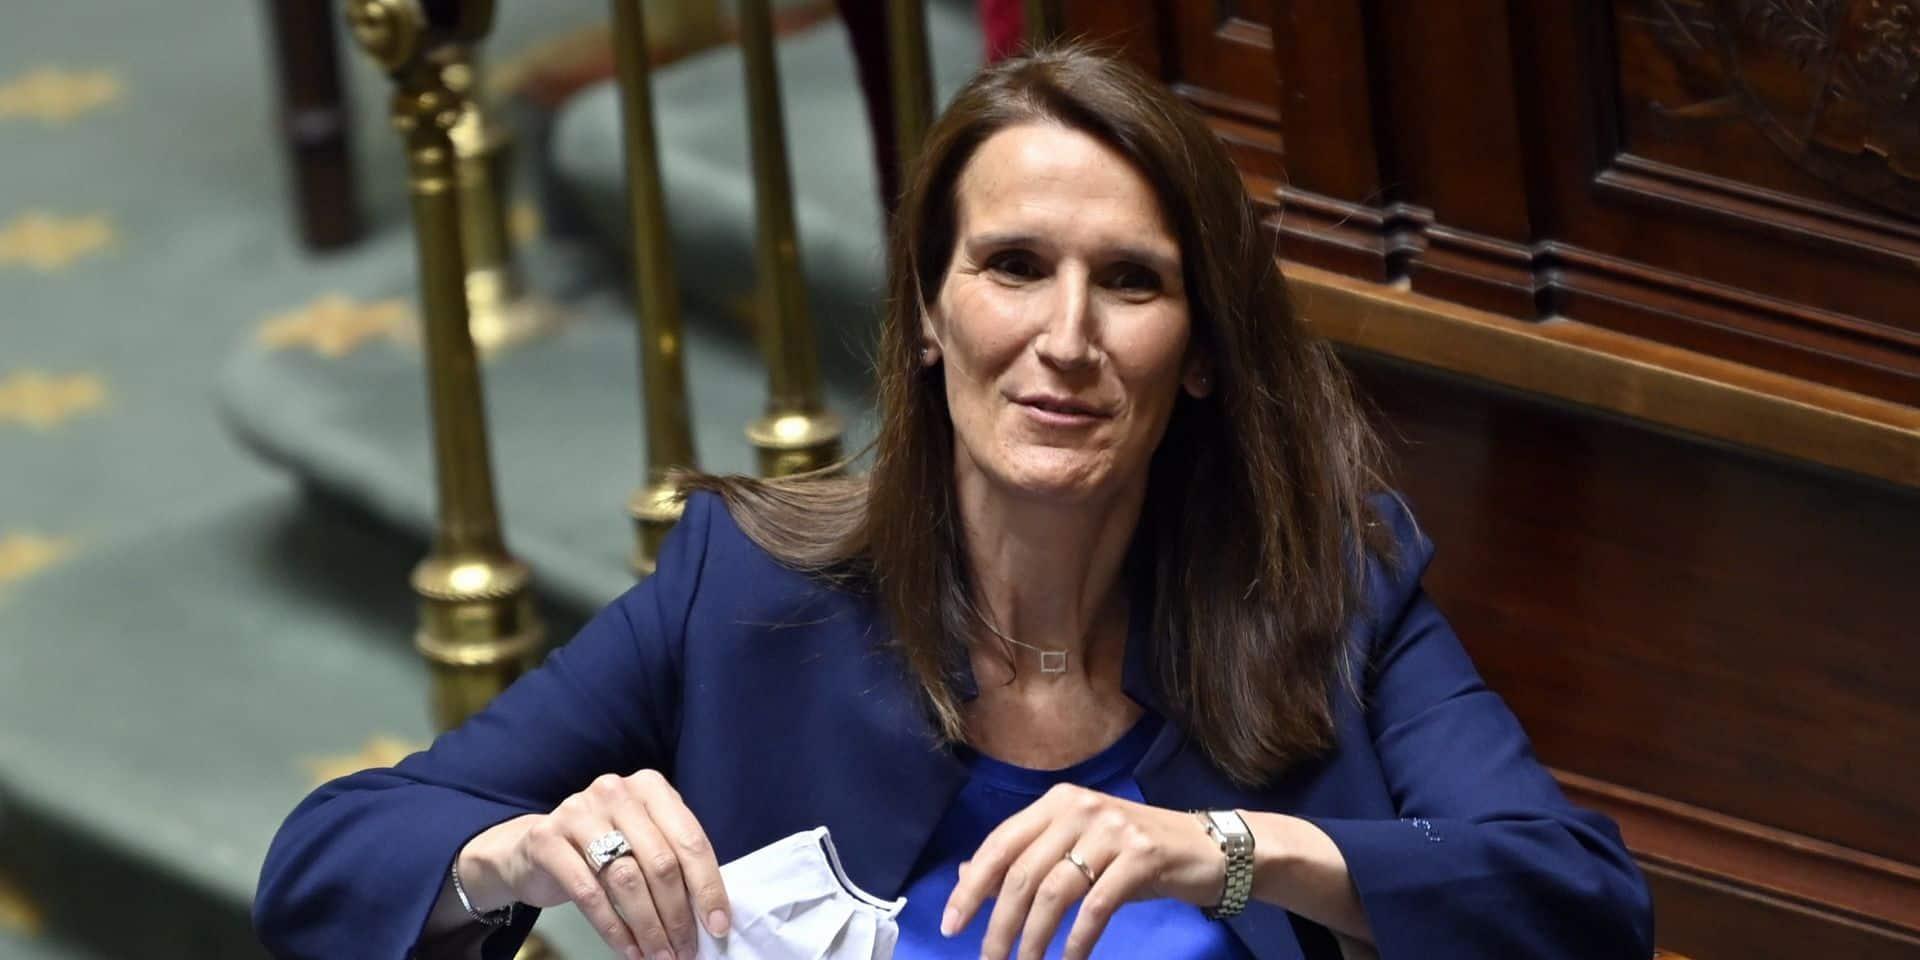 Avion dérouté: l'UE et la Belgique convoquent l'ambassadeur bélarusse